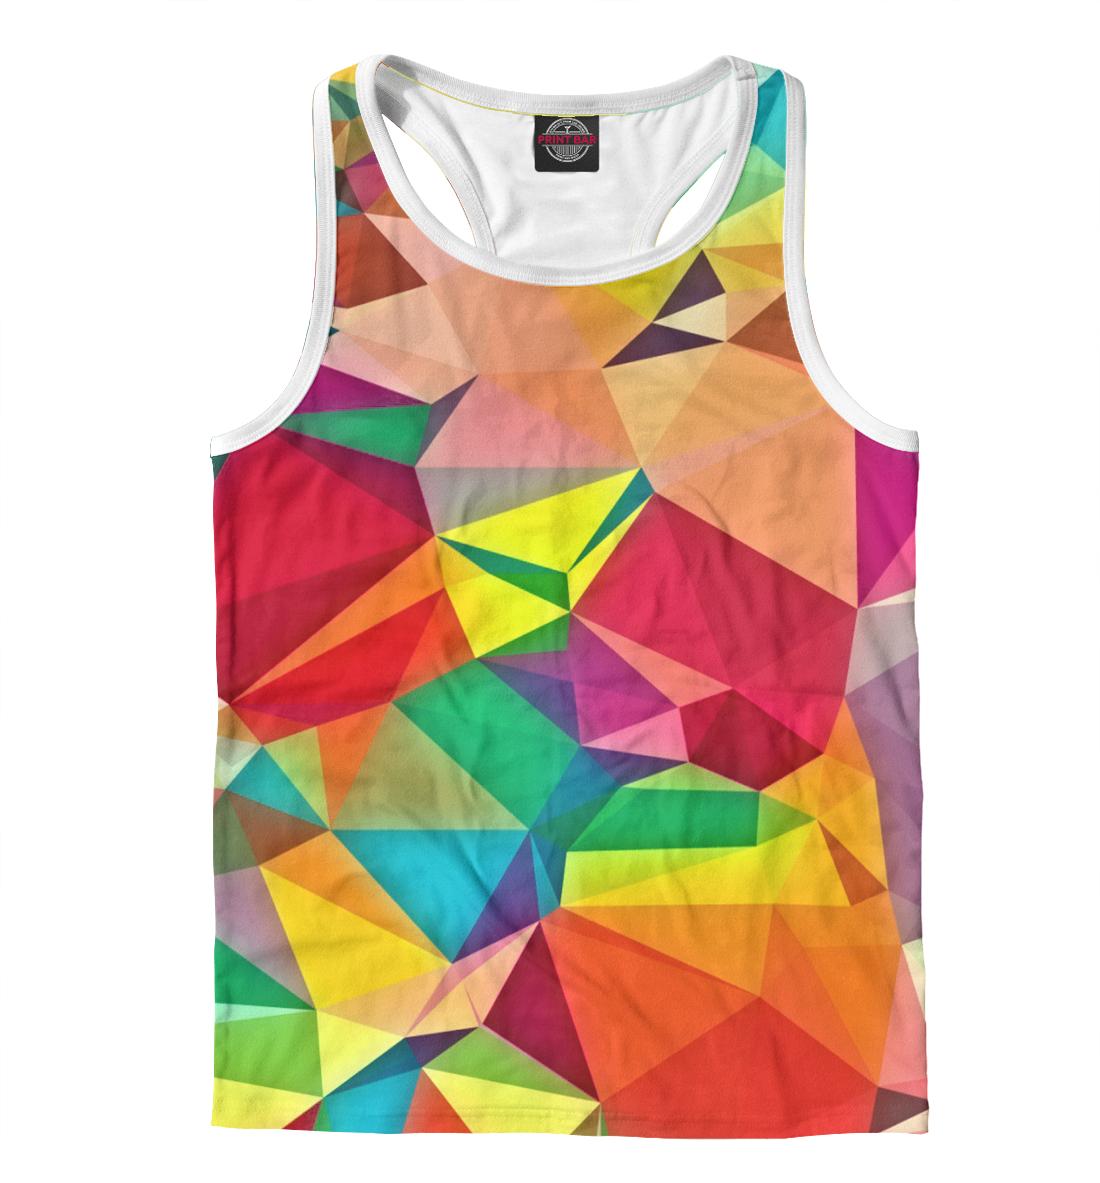 Купить Цветная абстракция, Printbar, Майки борцовки, ABS-277635-mayb-2